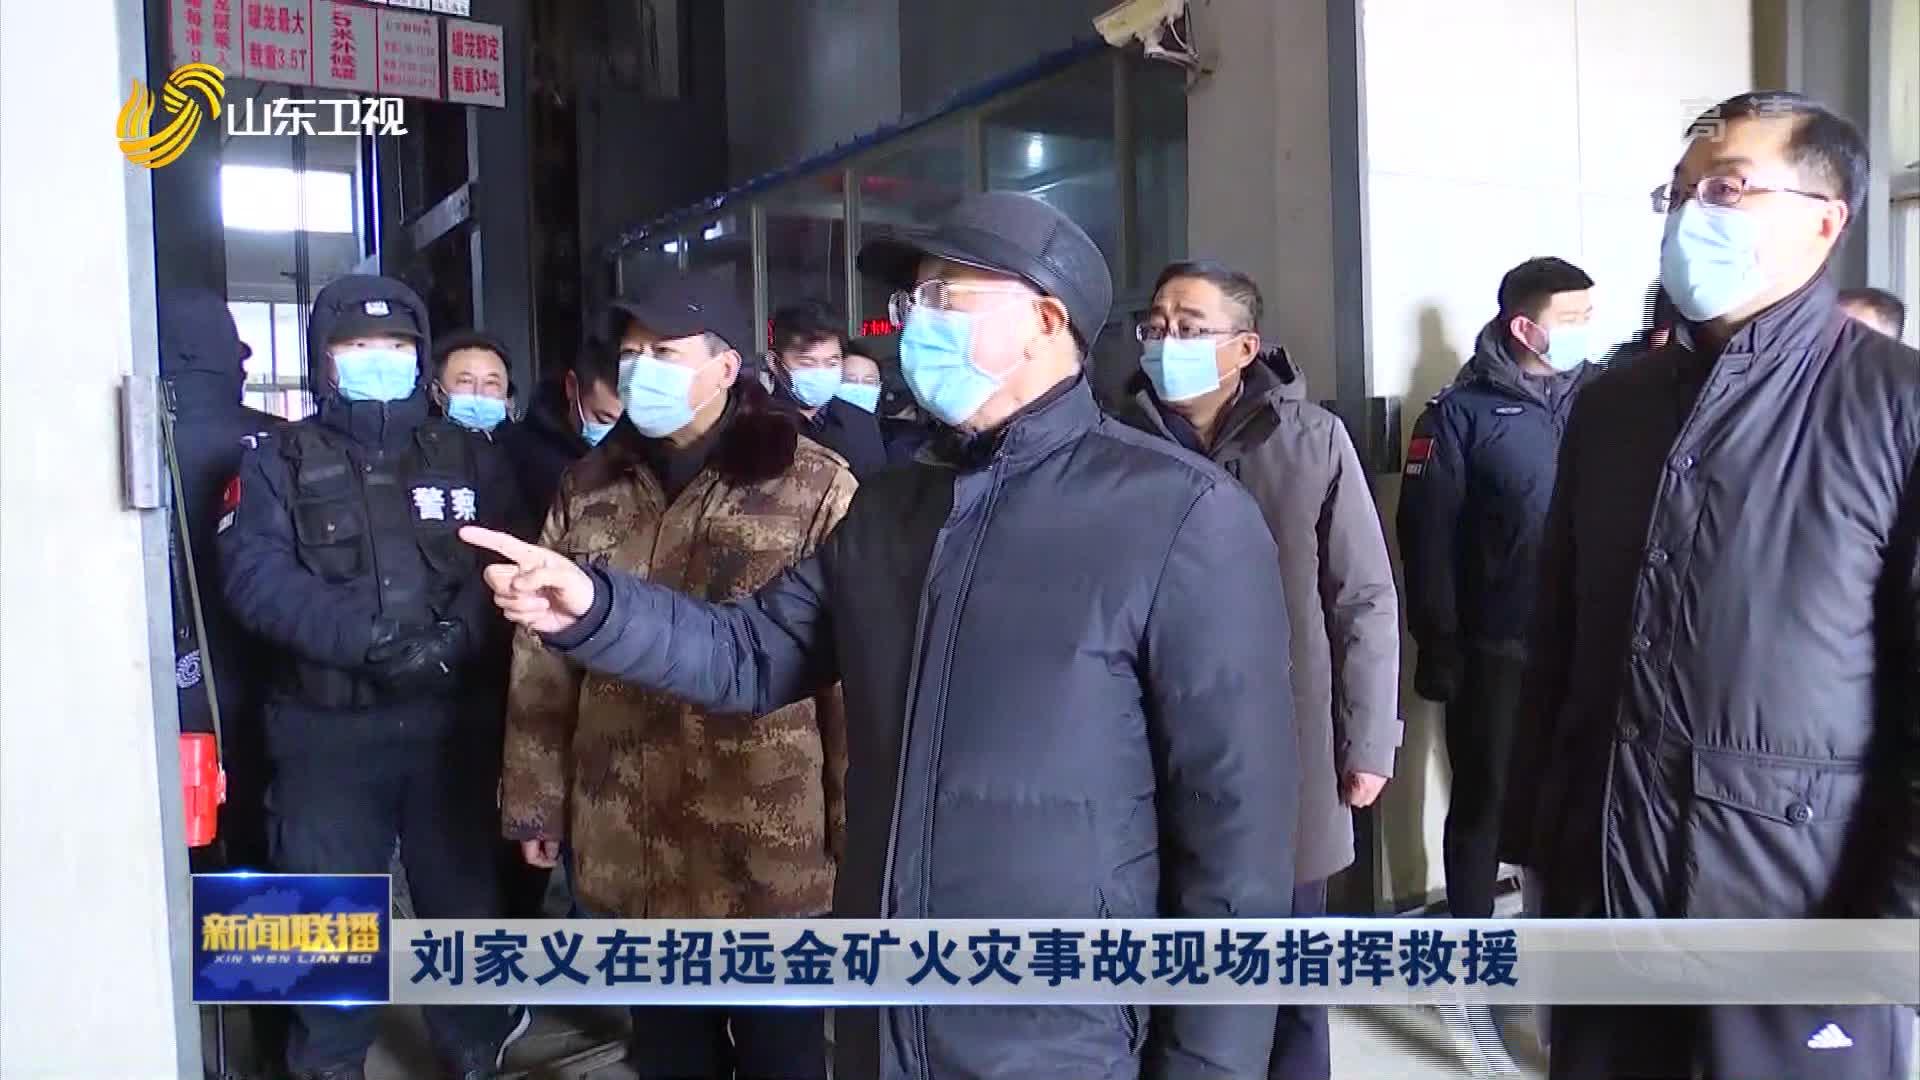 刘家义在招远金矿火灾事故现场指挥救援